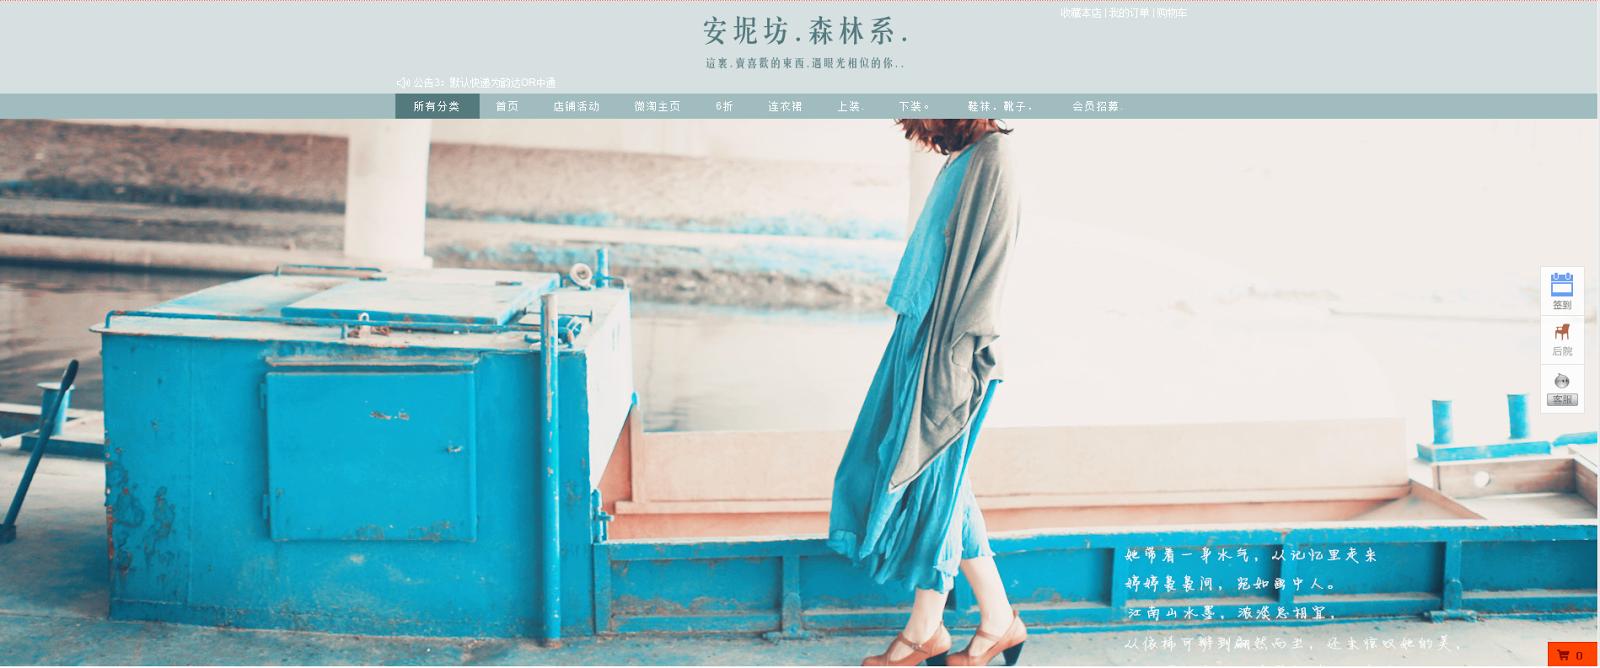 http://annesquare.taobao.com